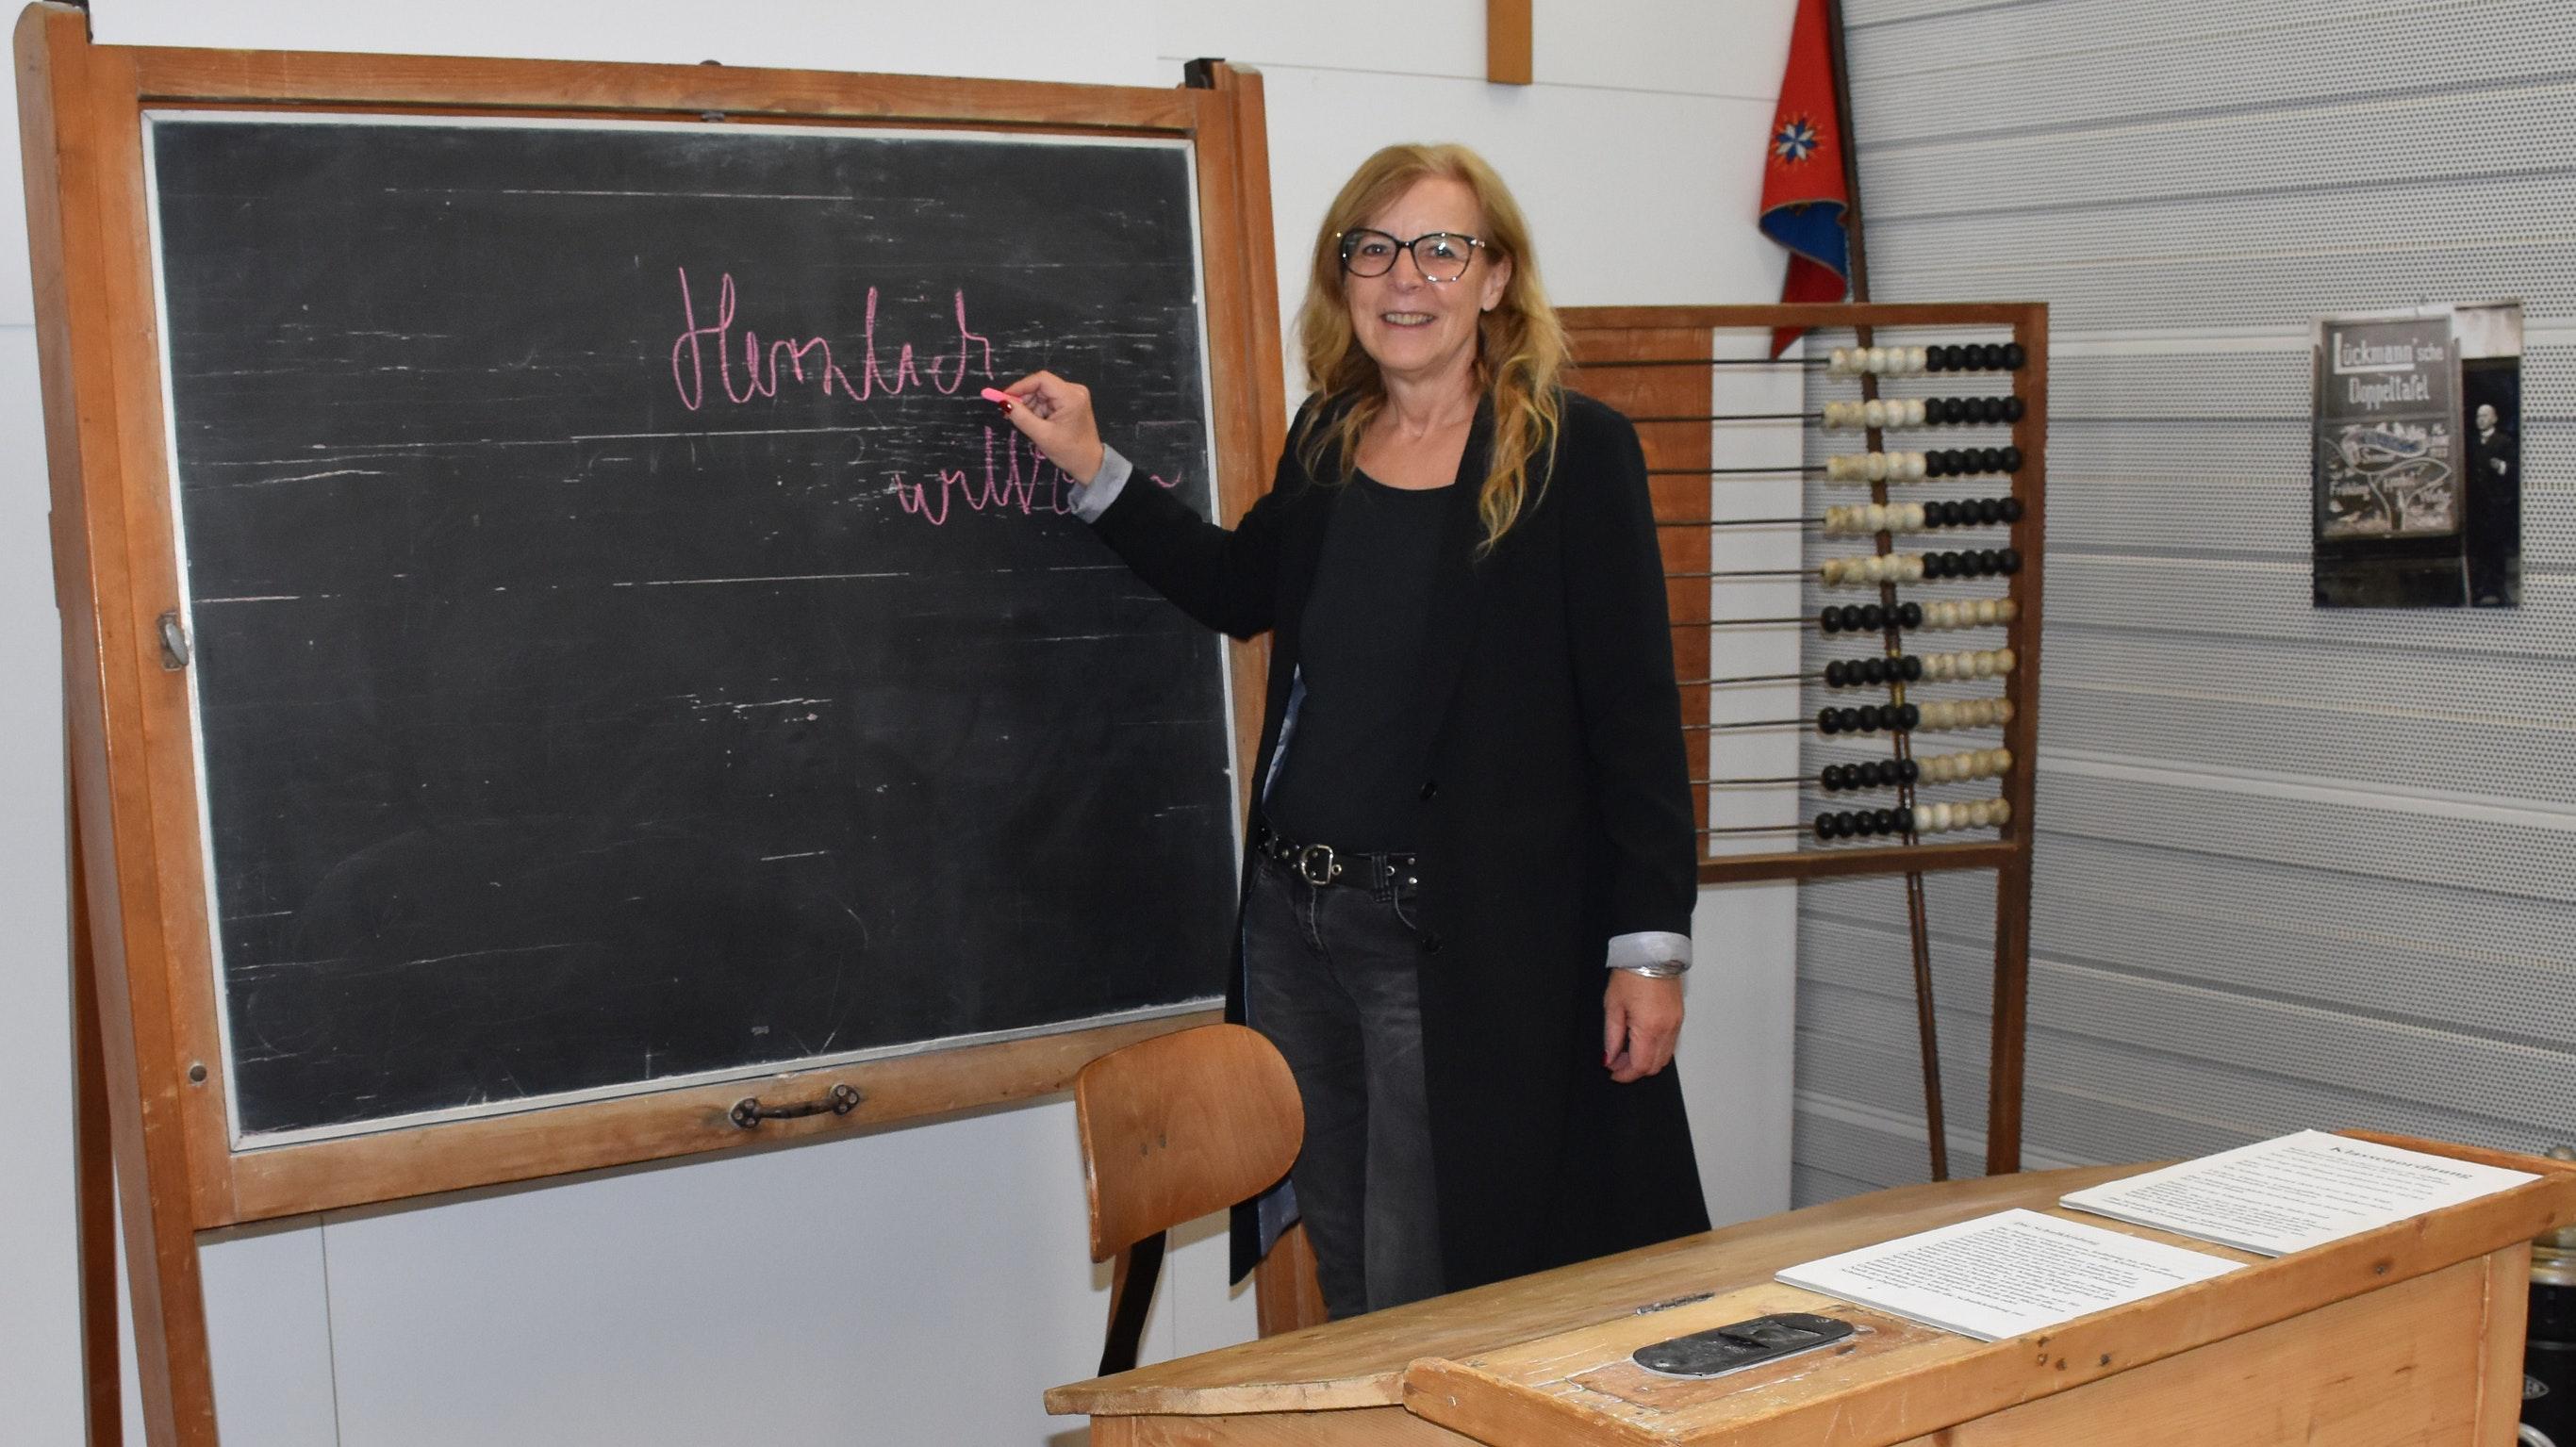 Freut sich über Besucher in den Sommerferien: Ulrike Hagemeier, Leiterin des Lohner Industriemuseums. Foto: Kessen